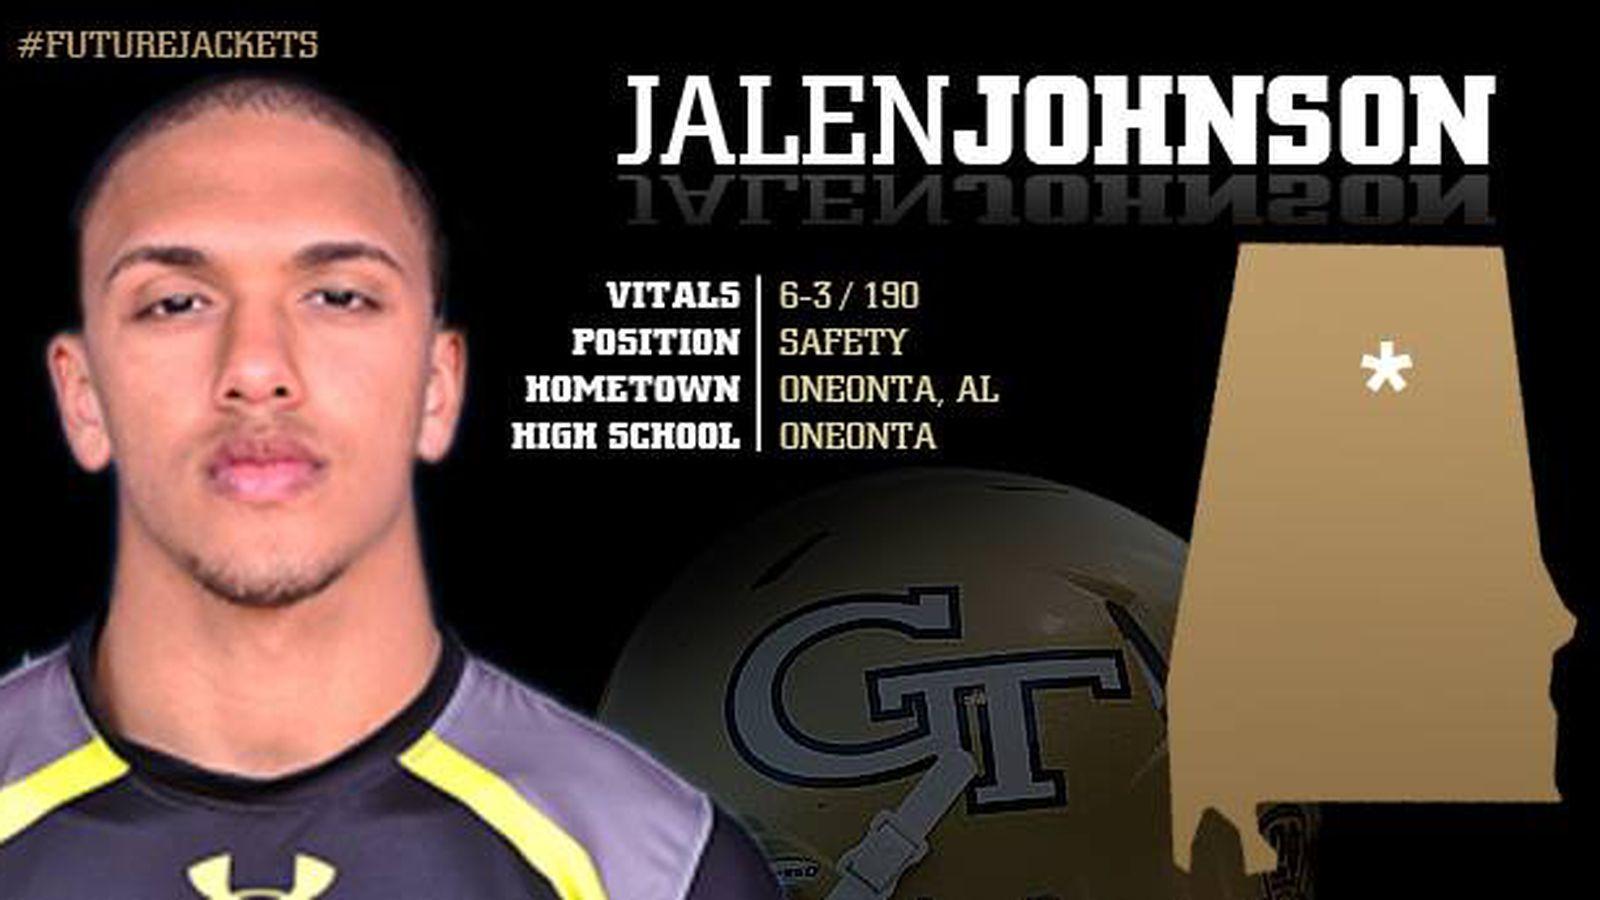 Georgia Tech Yellow Jackets Recruiting: Meet Jalen Johnson ...